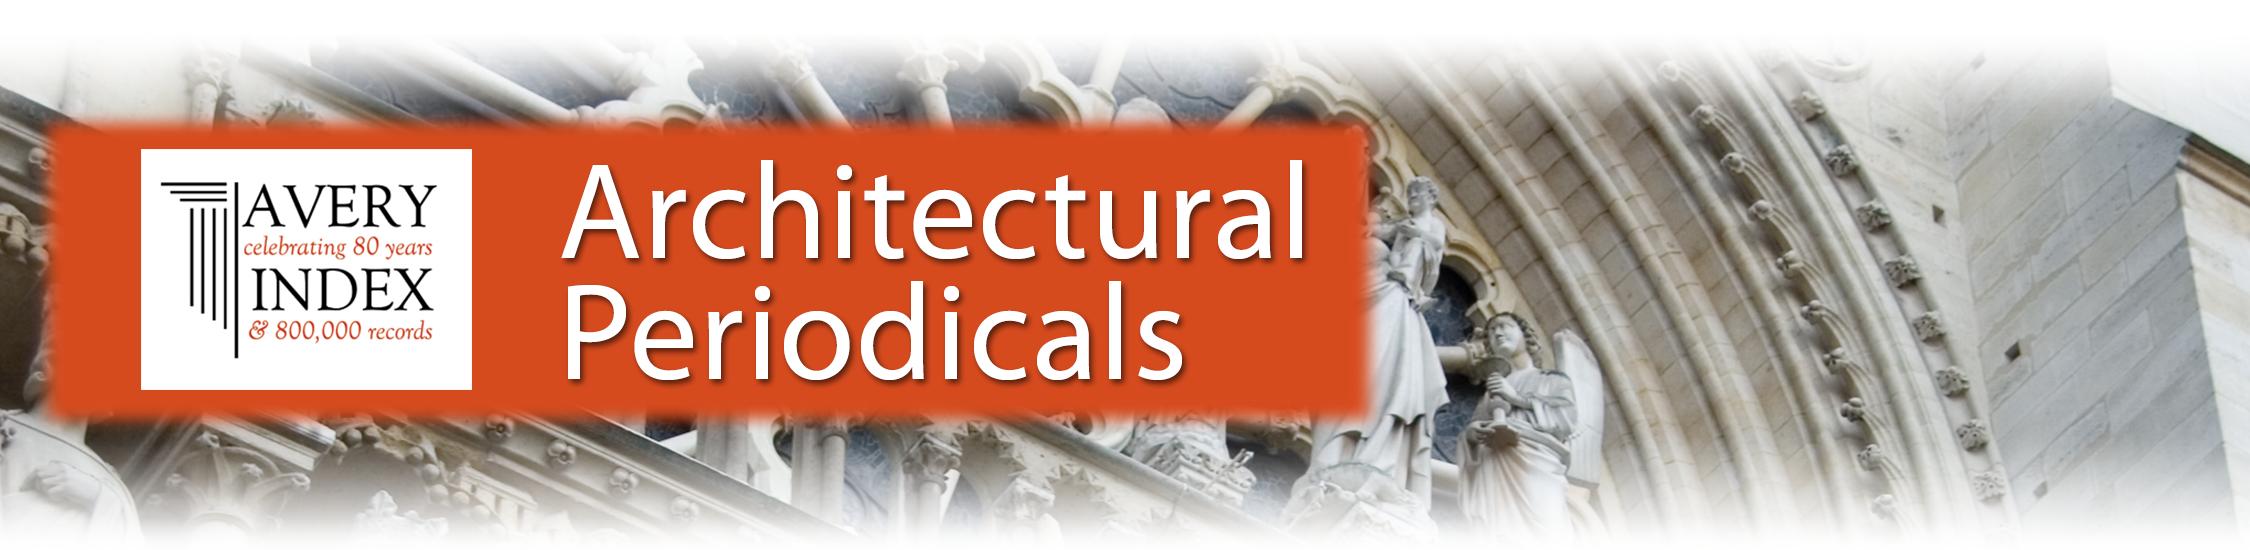 Avery Index to Architectural Periodicals (Mimarlık, Tasarım, Güzel Sanatlar) Veritabanı Deneme Erişimi ile ilgili görsel sonucu